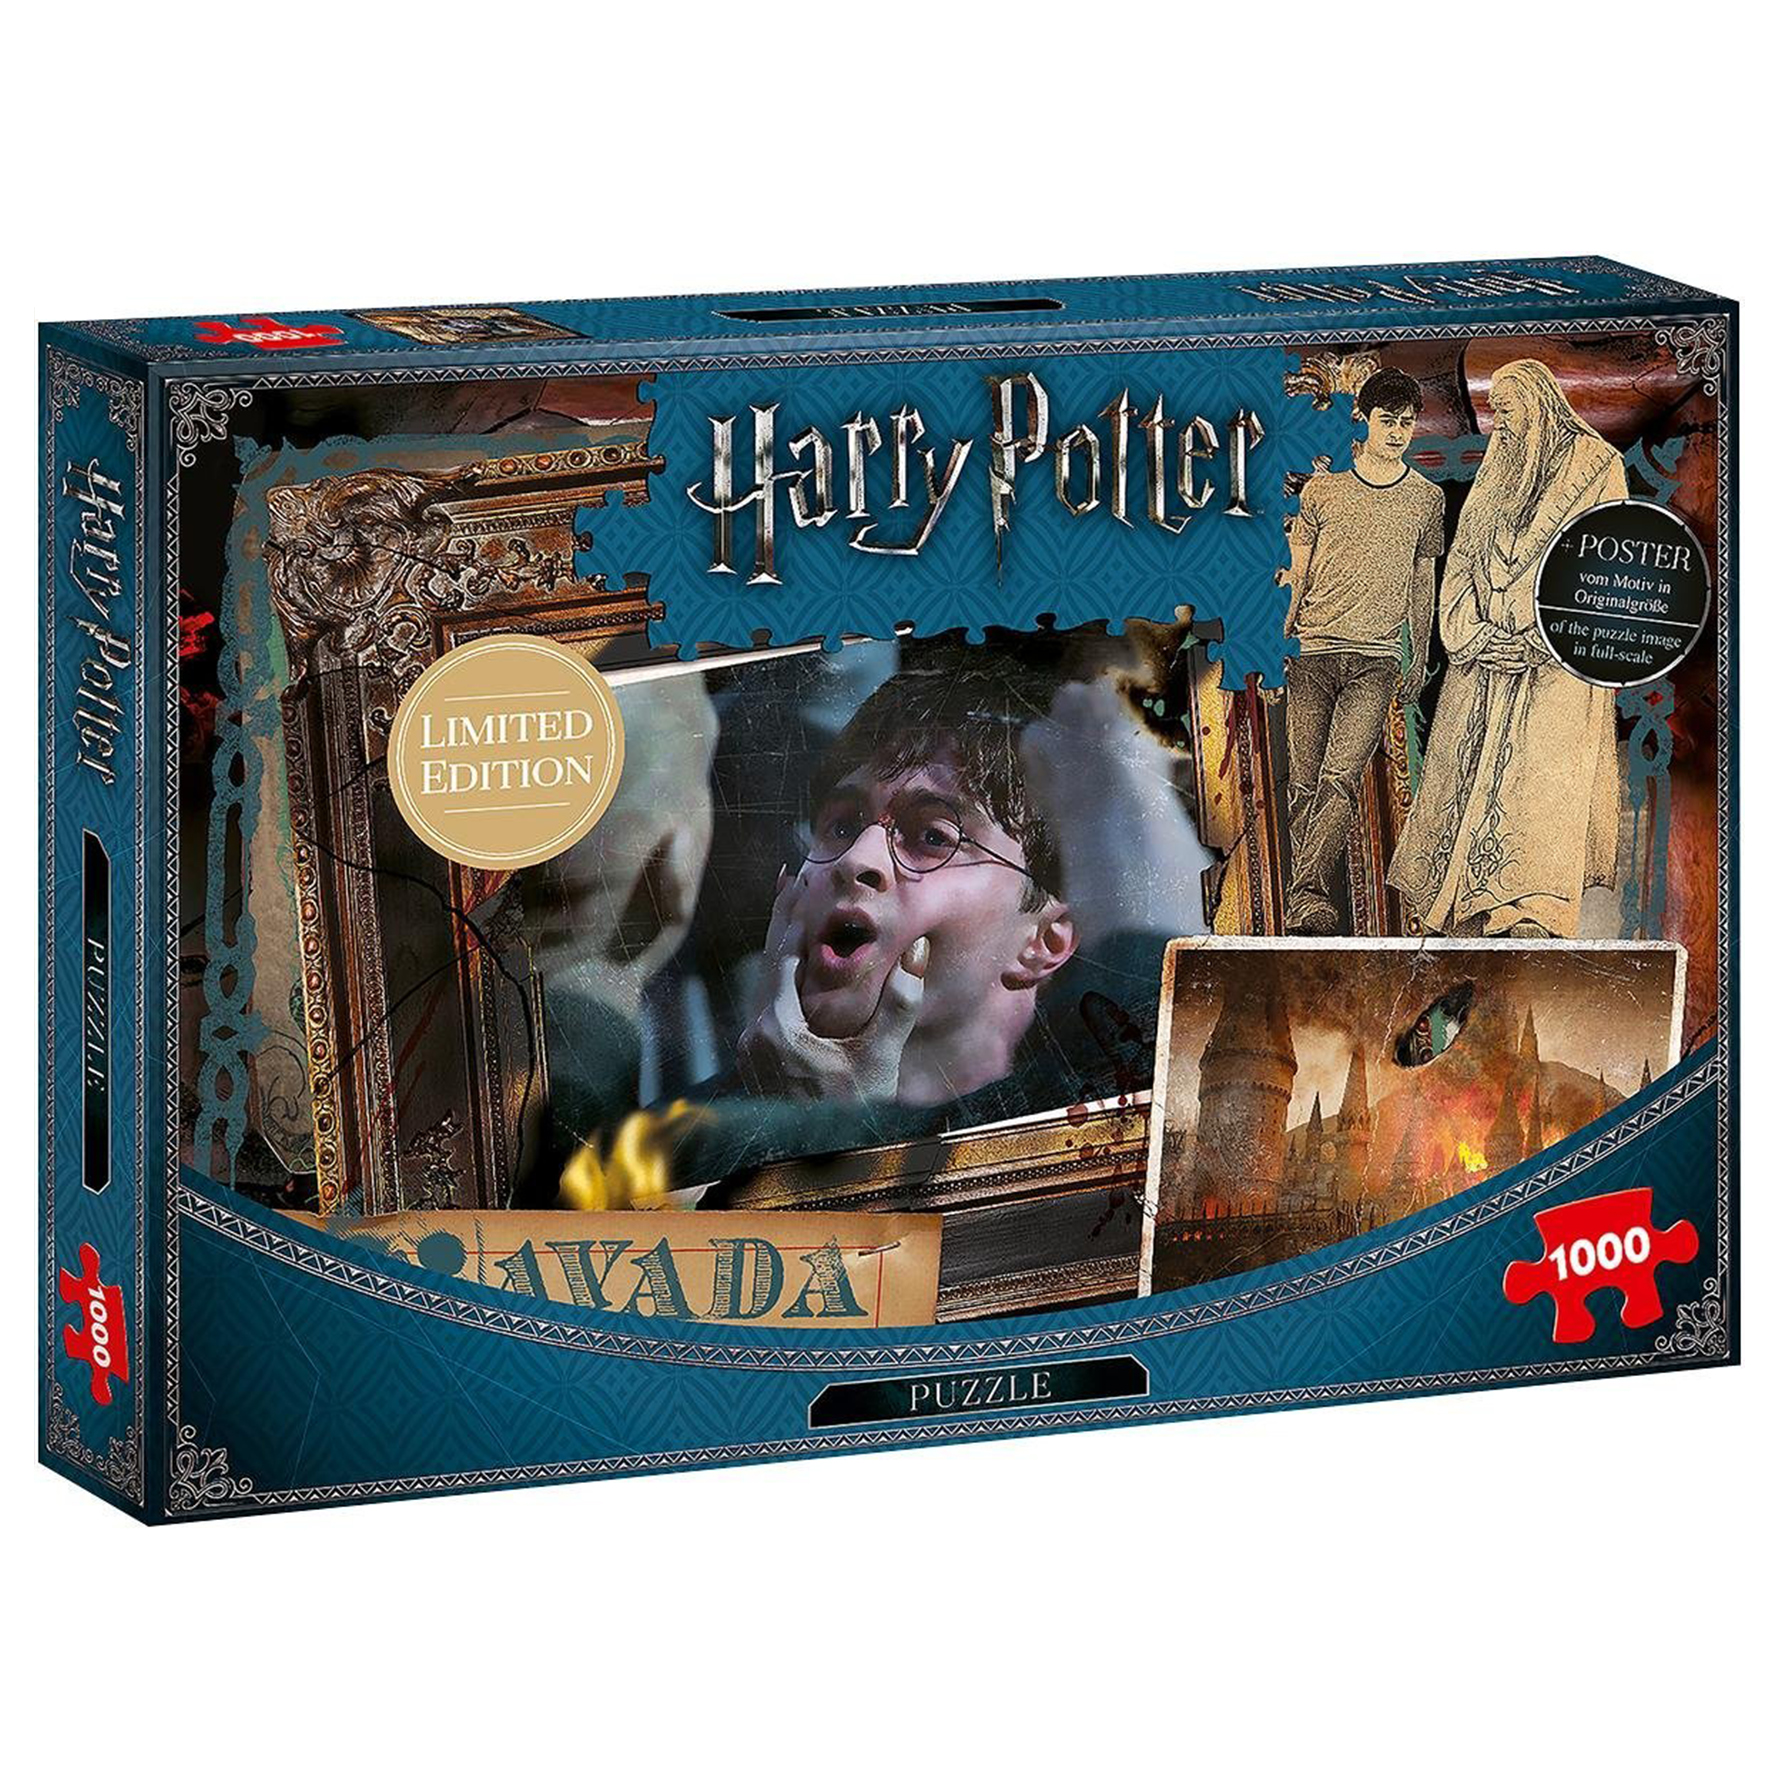 Puzzle Harry potter de 1000